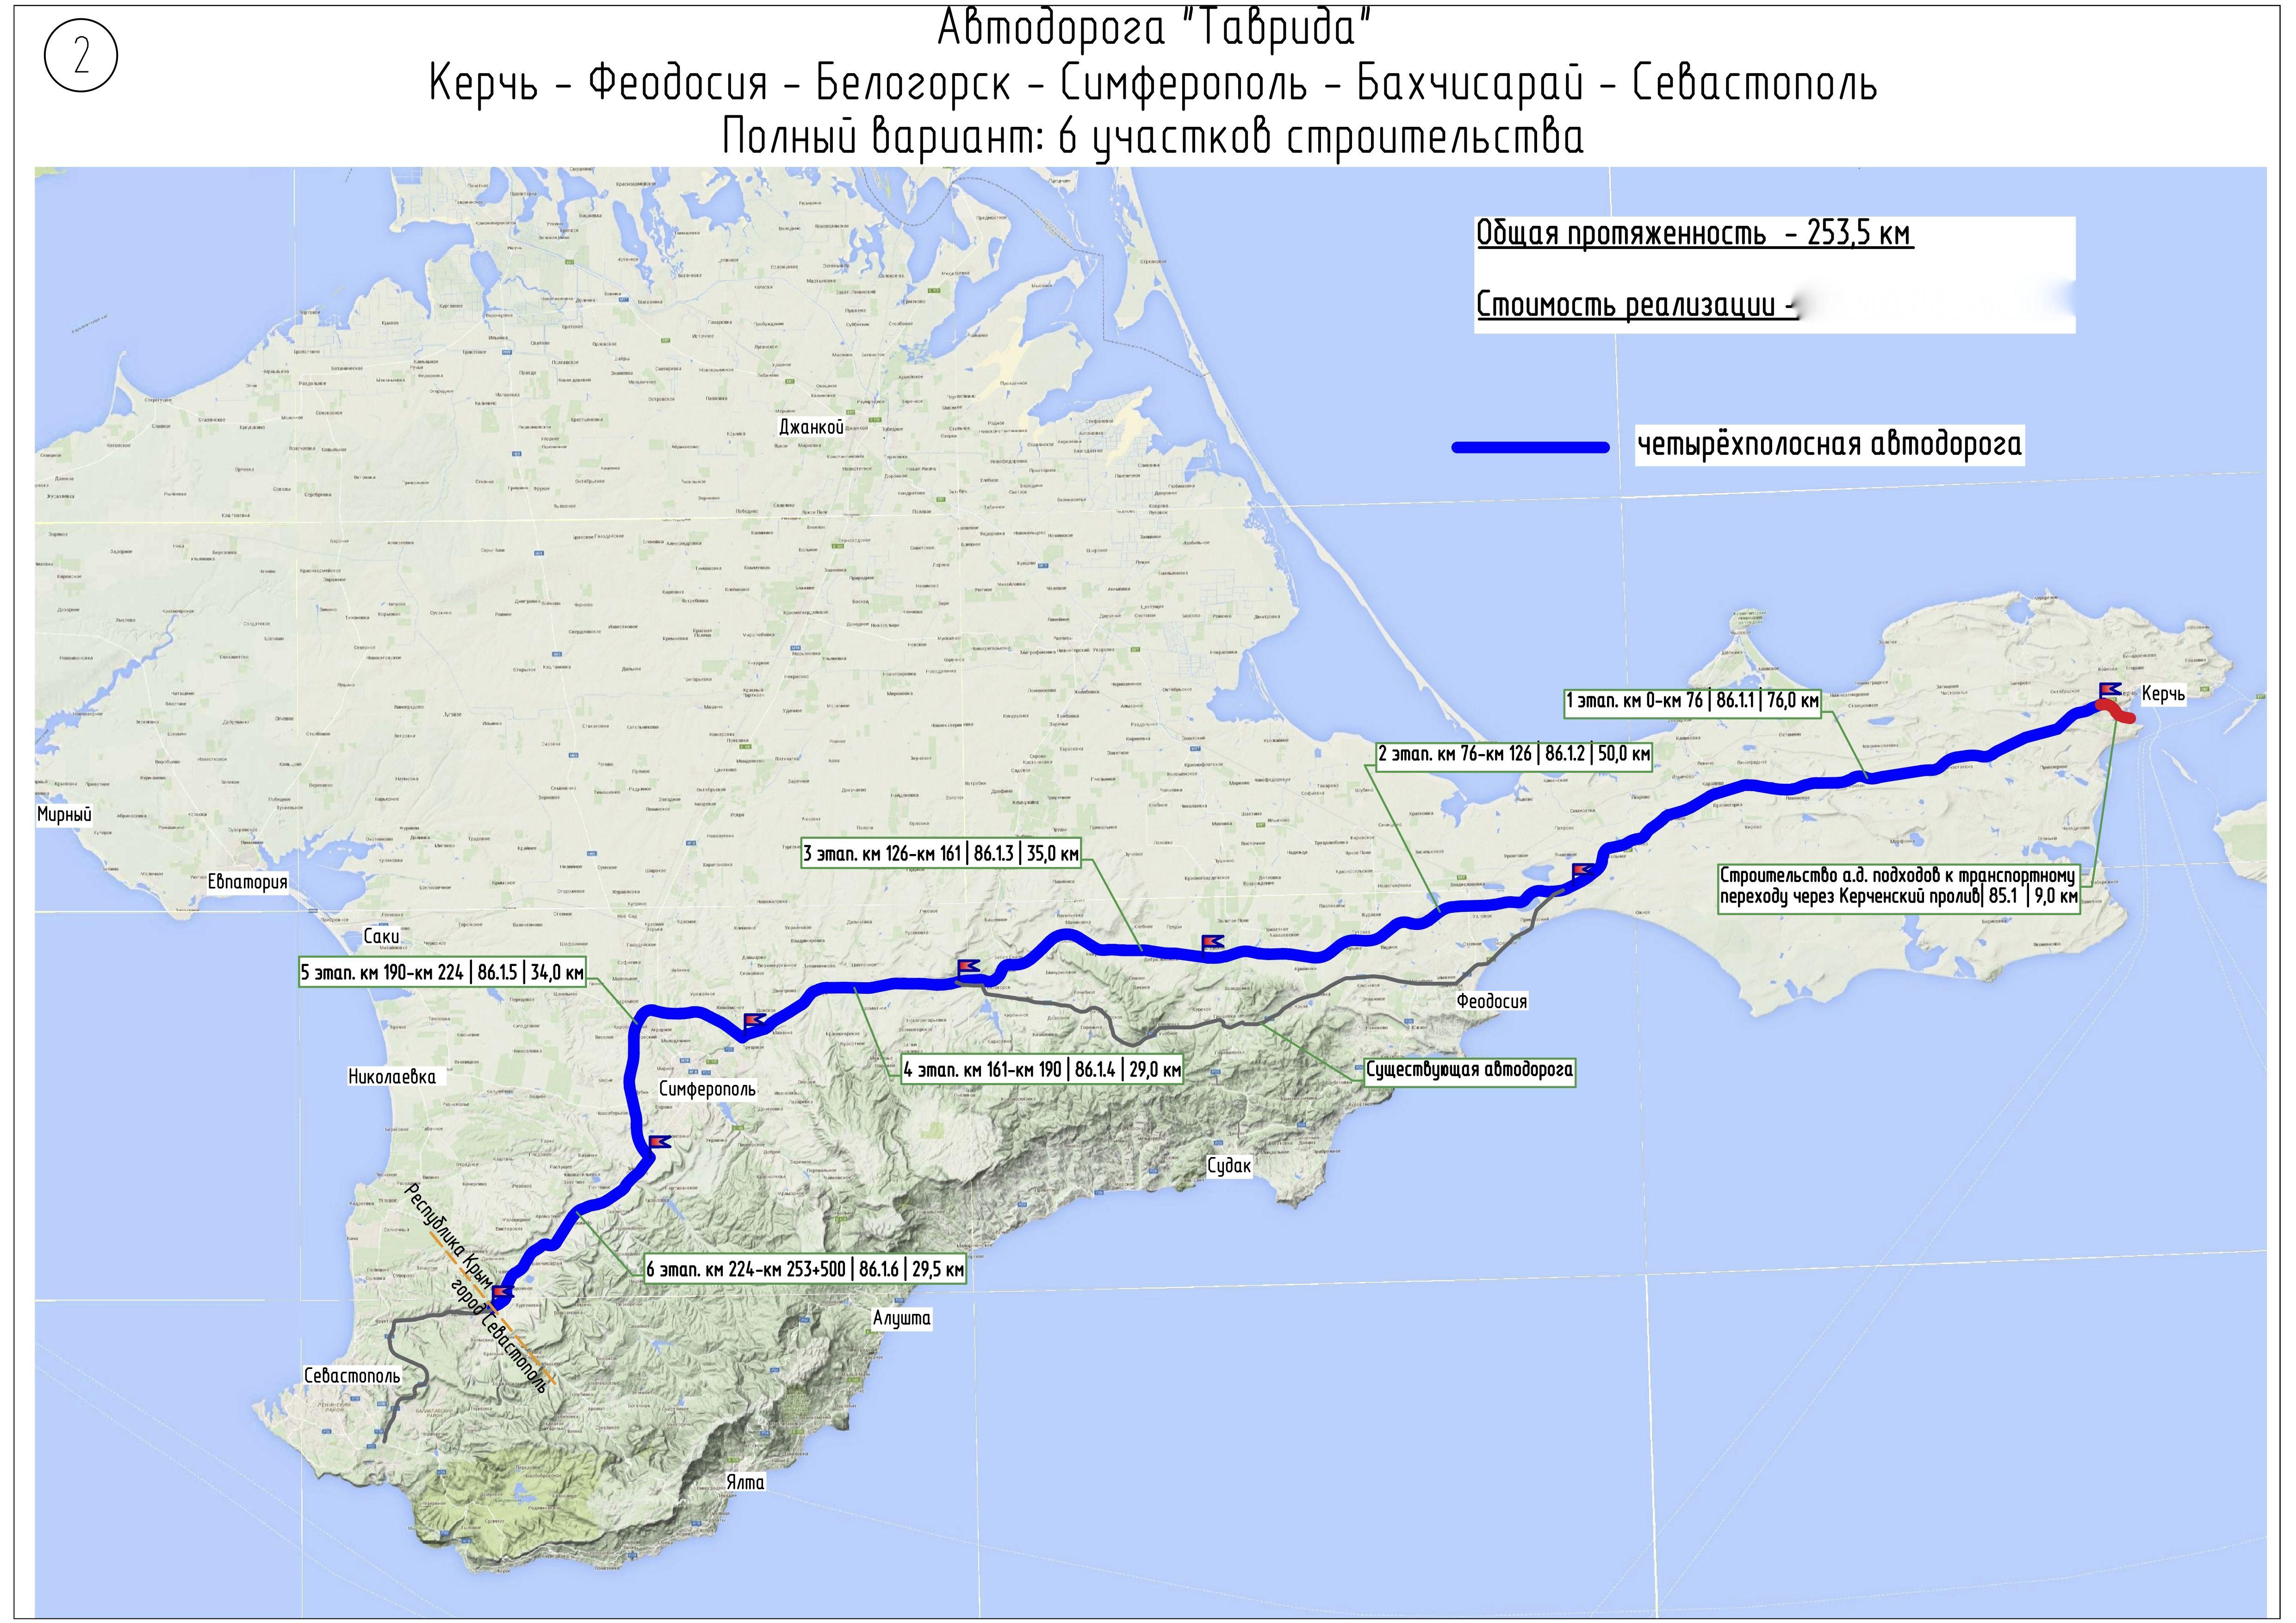 В Крыму запустили второй участок федеральной трассы «Таврида» (видео и схема)